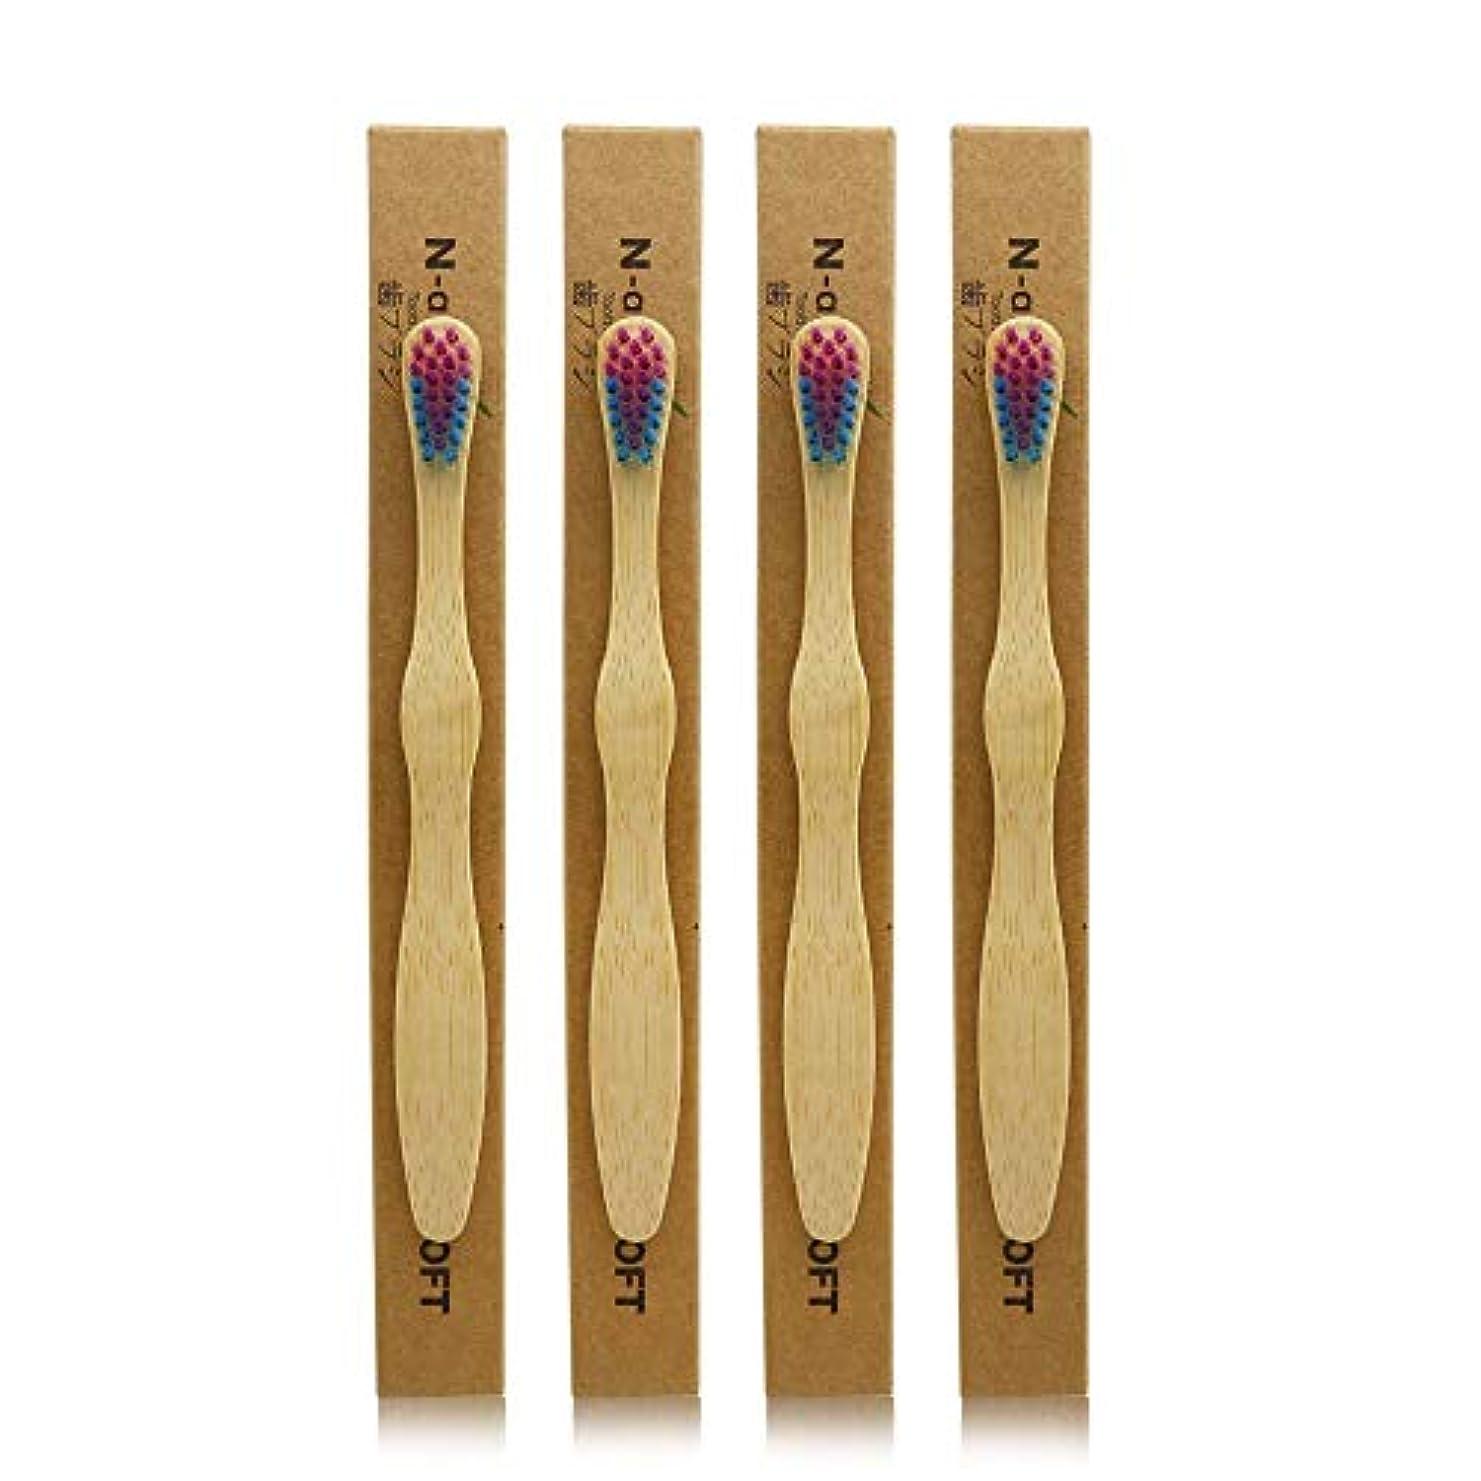 論理的レンダリング警察署N-amboo 竹製耐久度高い 子供 歯ブラシ エコ 4本入り セット むらさきいろ